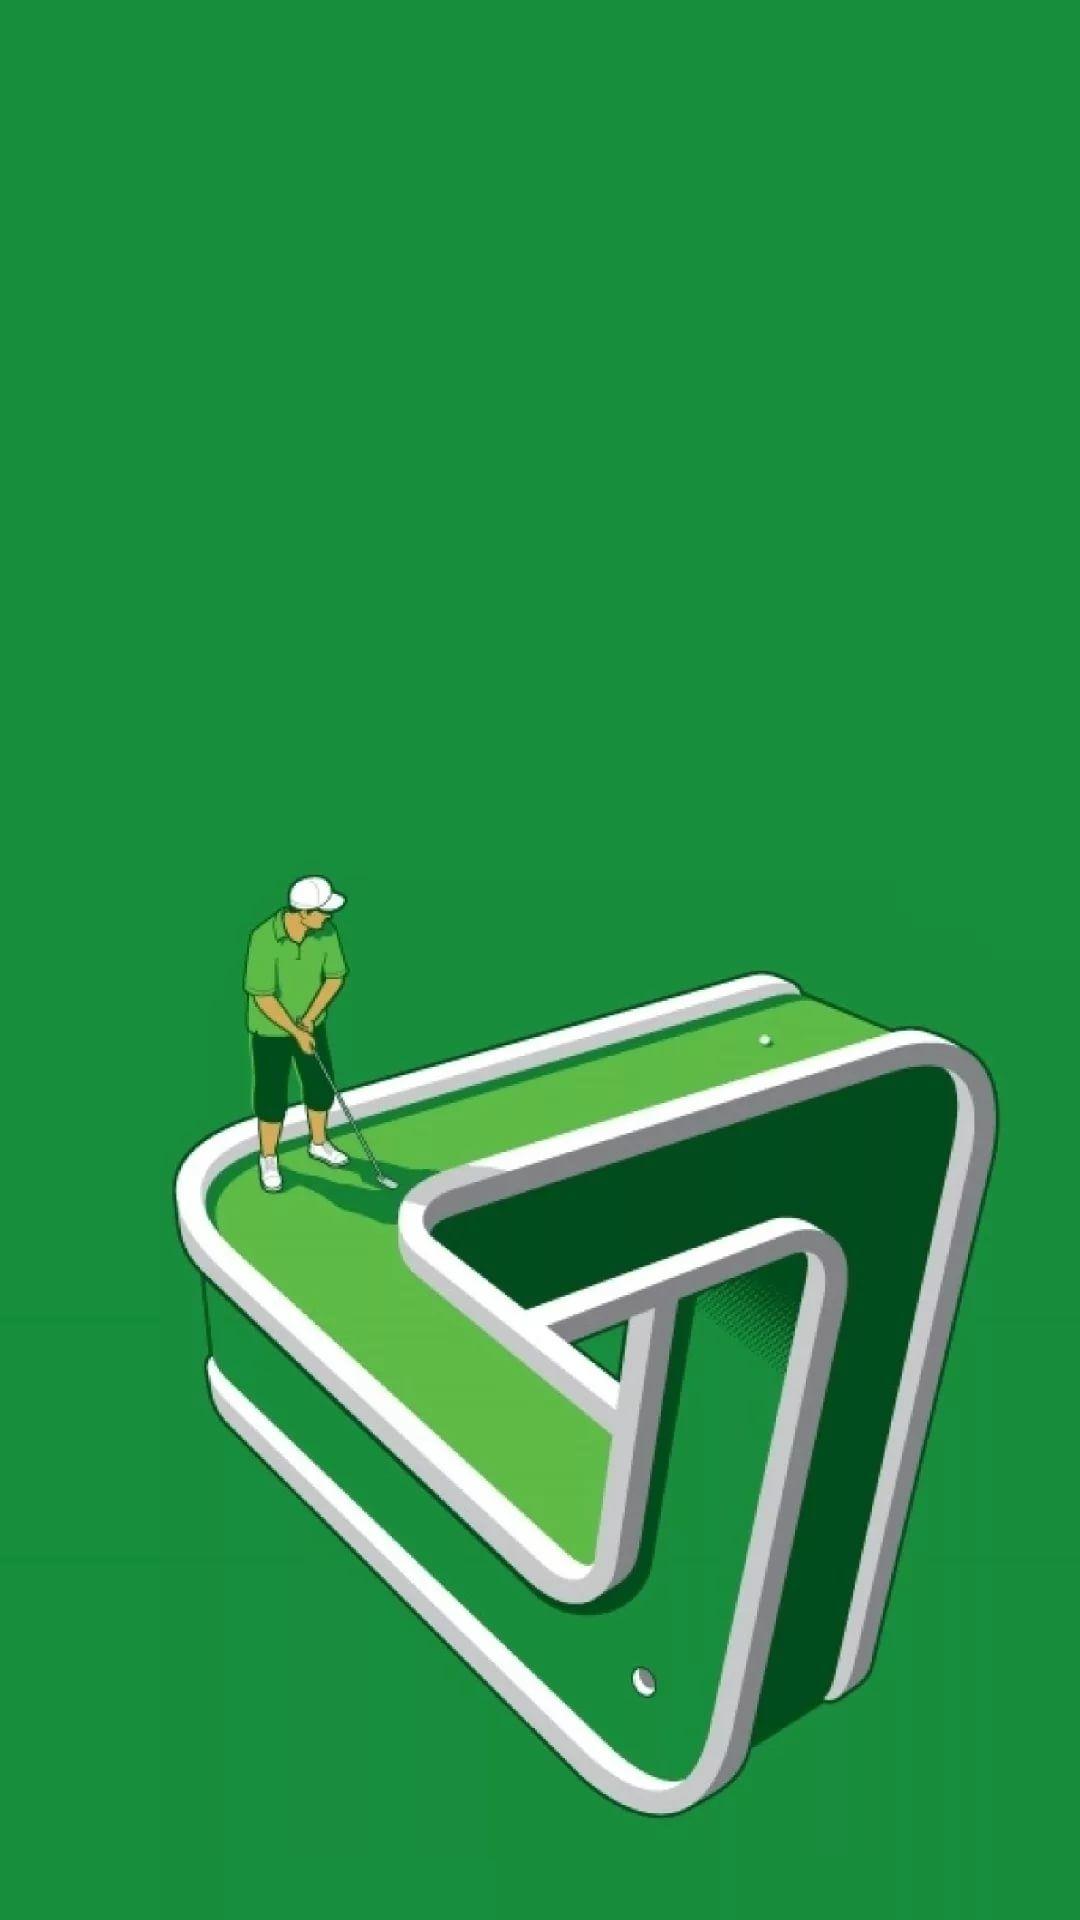 Golf iPhone wallpaper